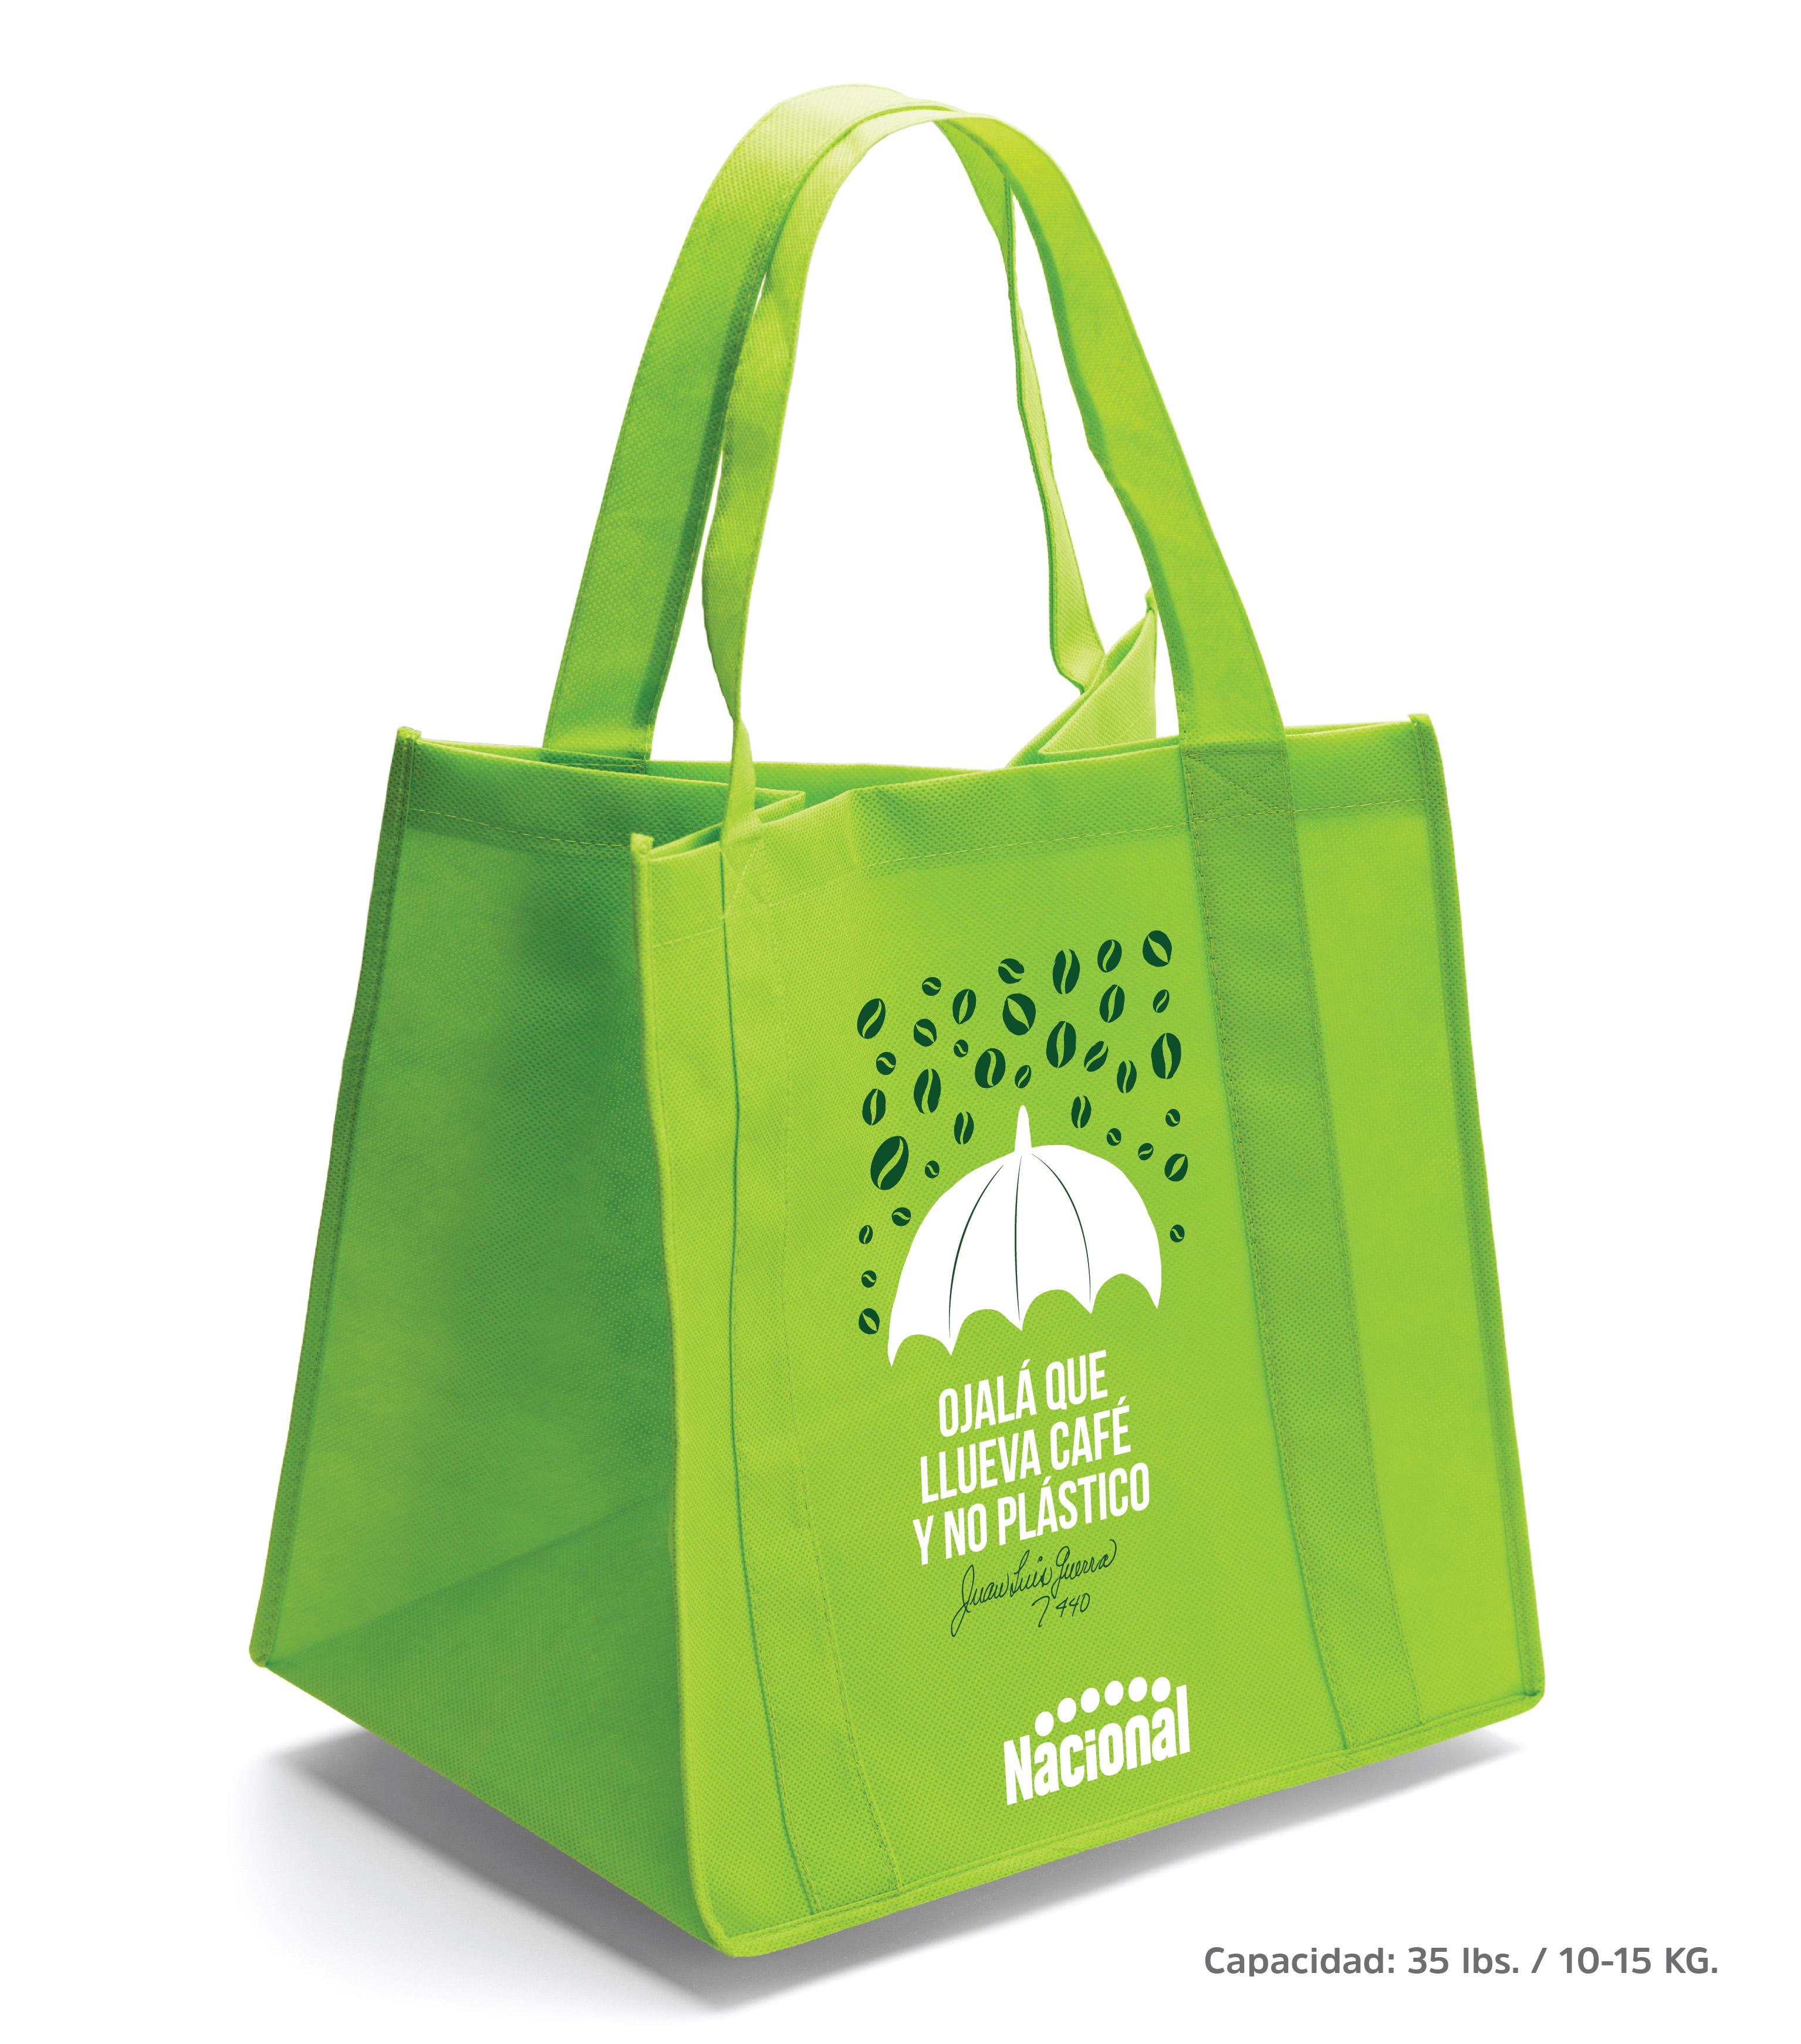 Supermercados Nacional lanza nueva edición limitada de bolsas reusables de Juan Luis Guerra